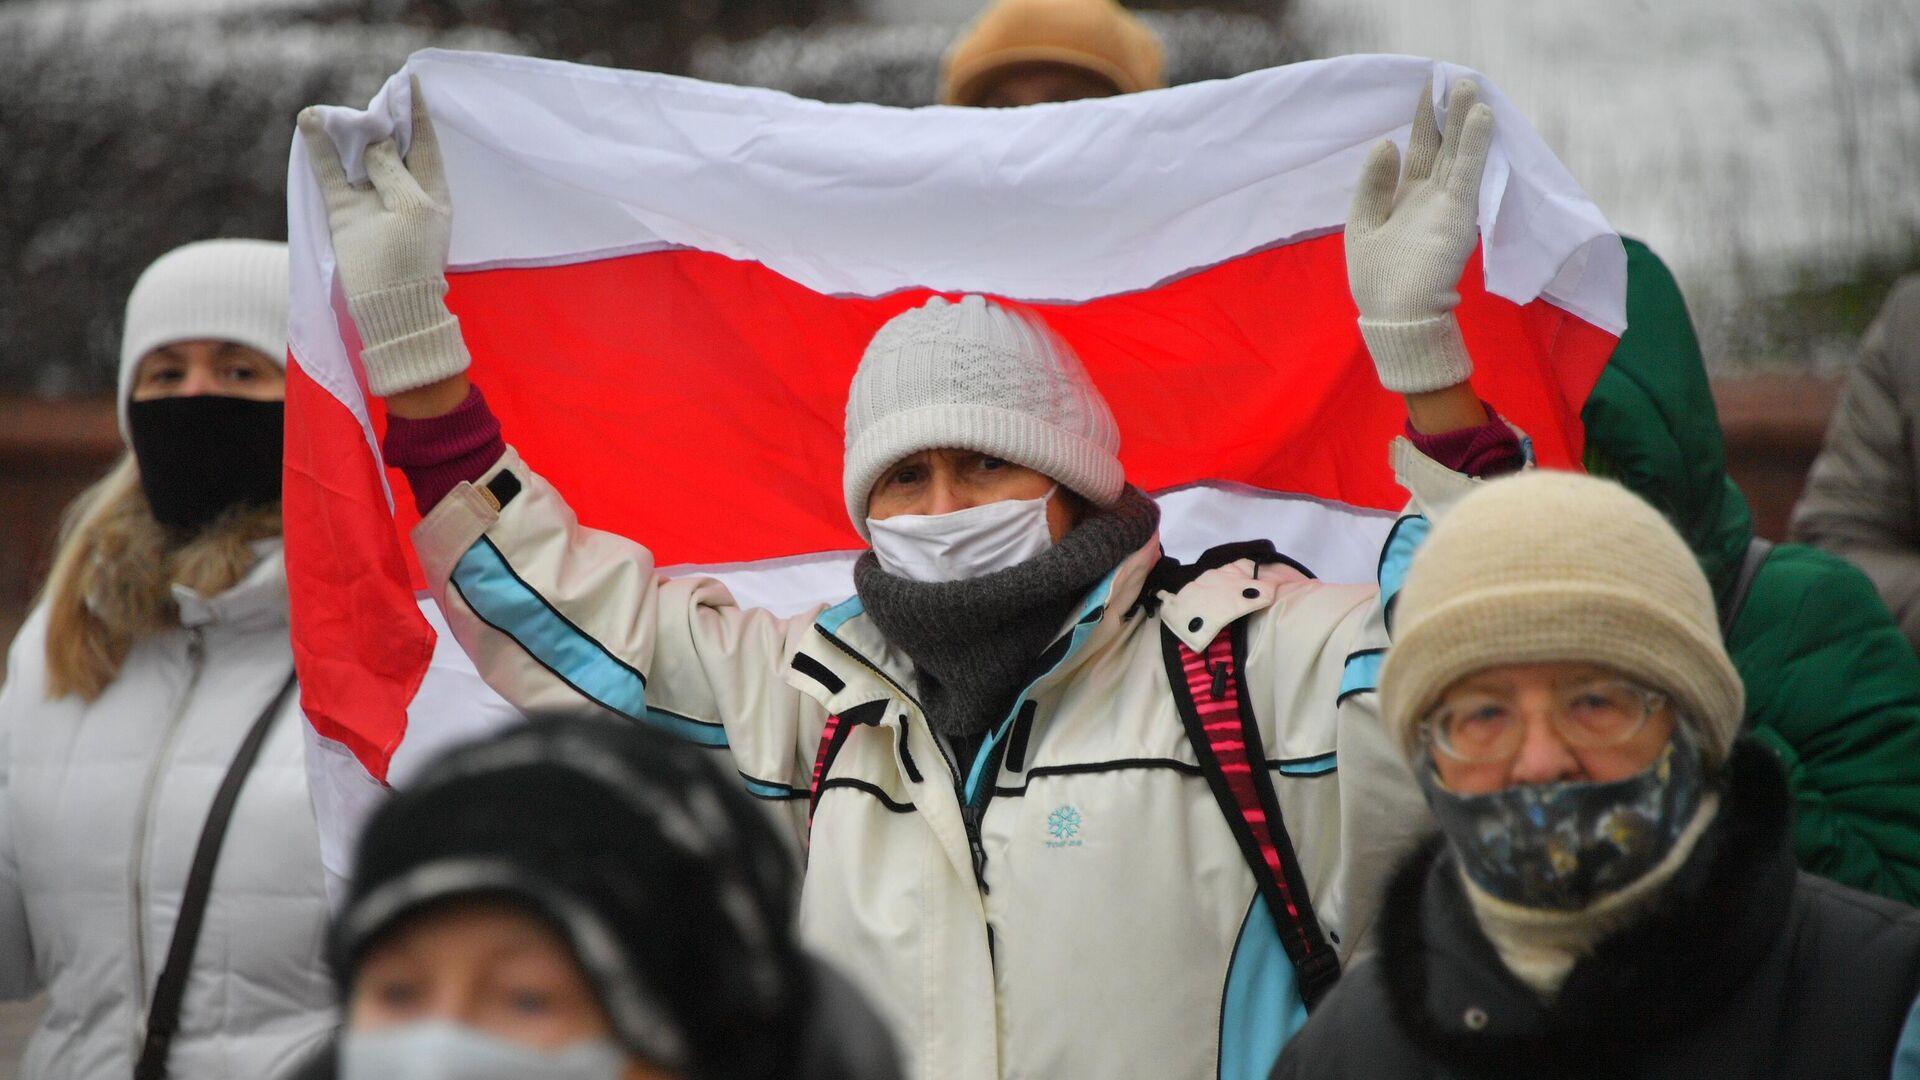 Участники акции протеста пенсионеров Марш мудрости в Минске - РИА Новости, 1920, 18.03.2021